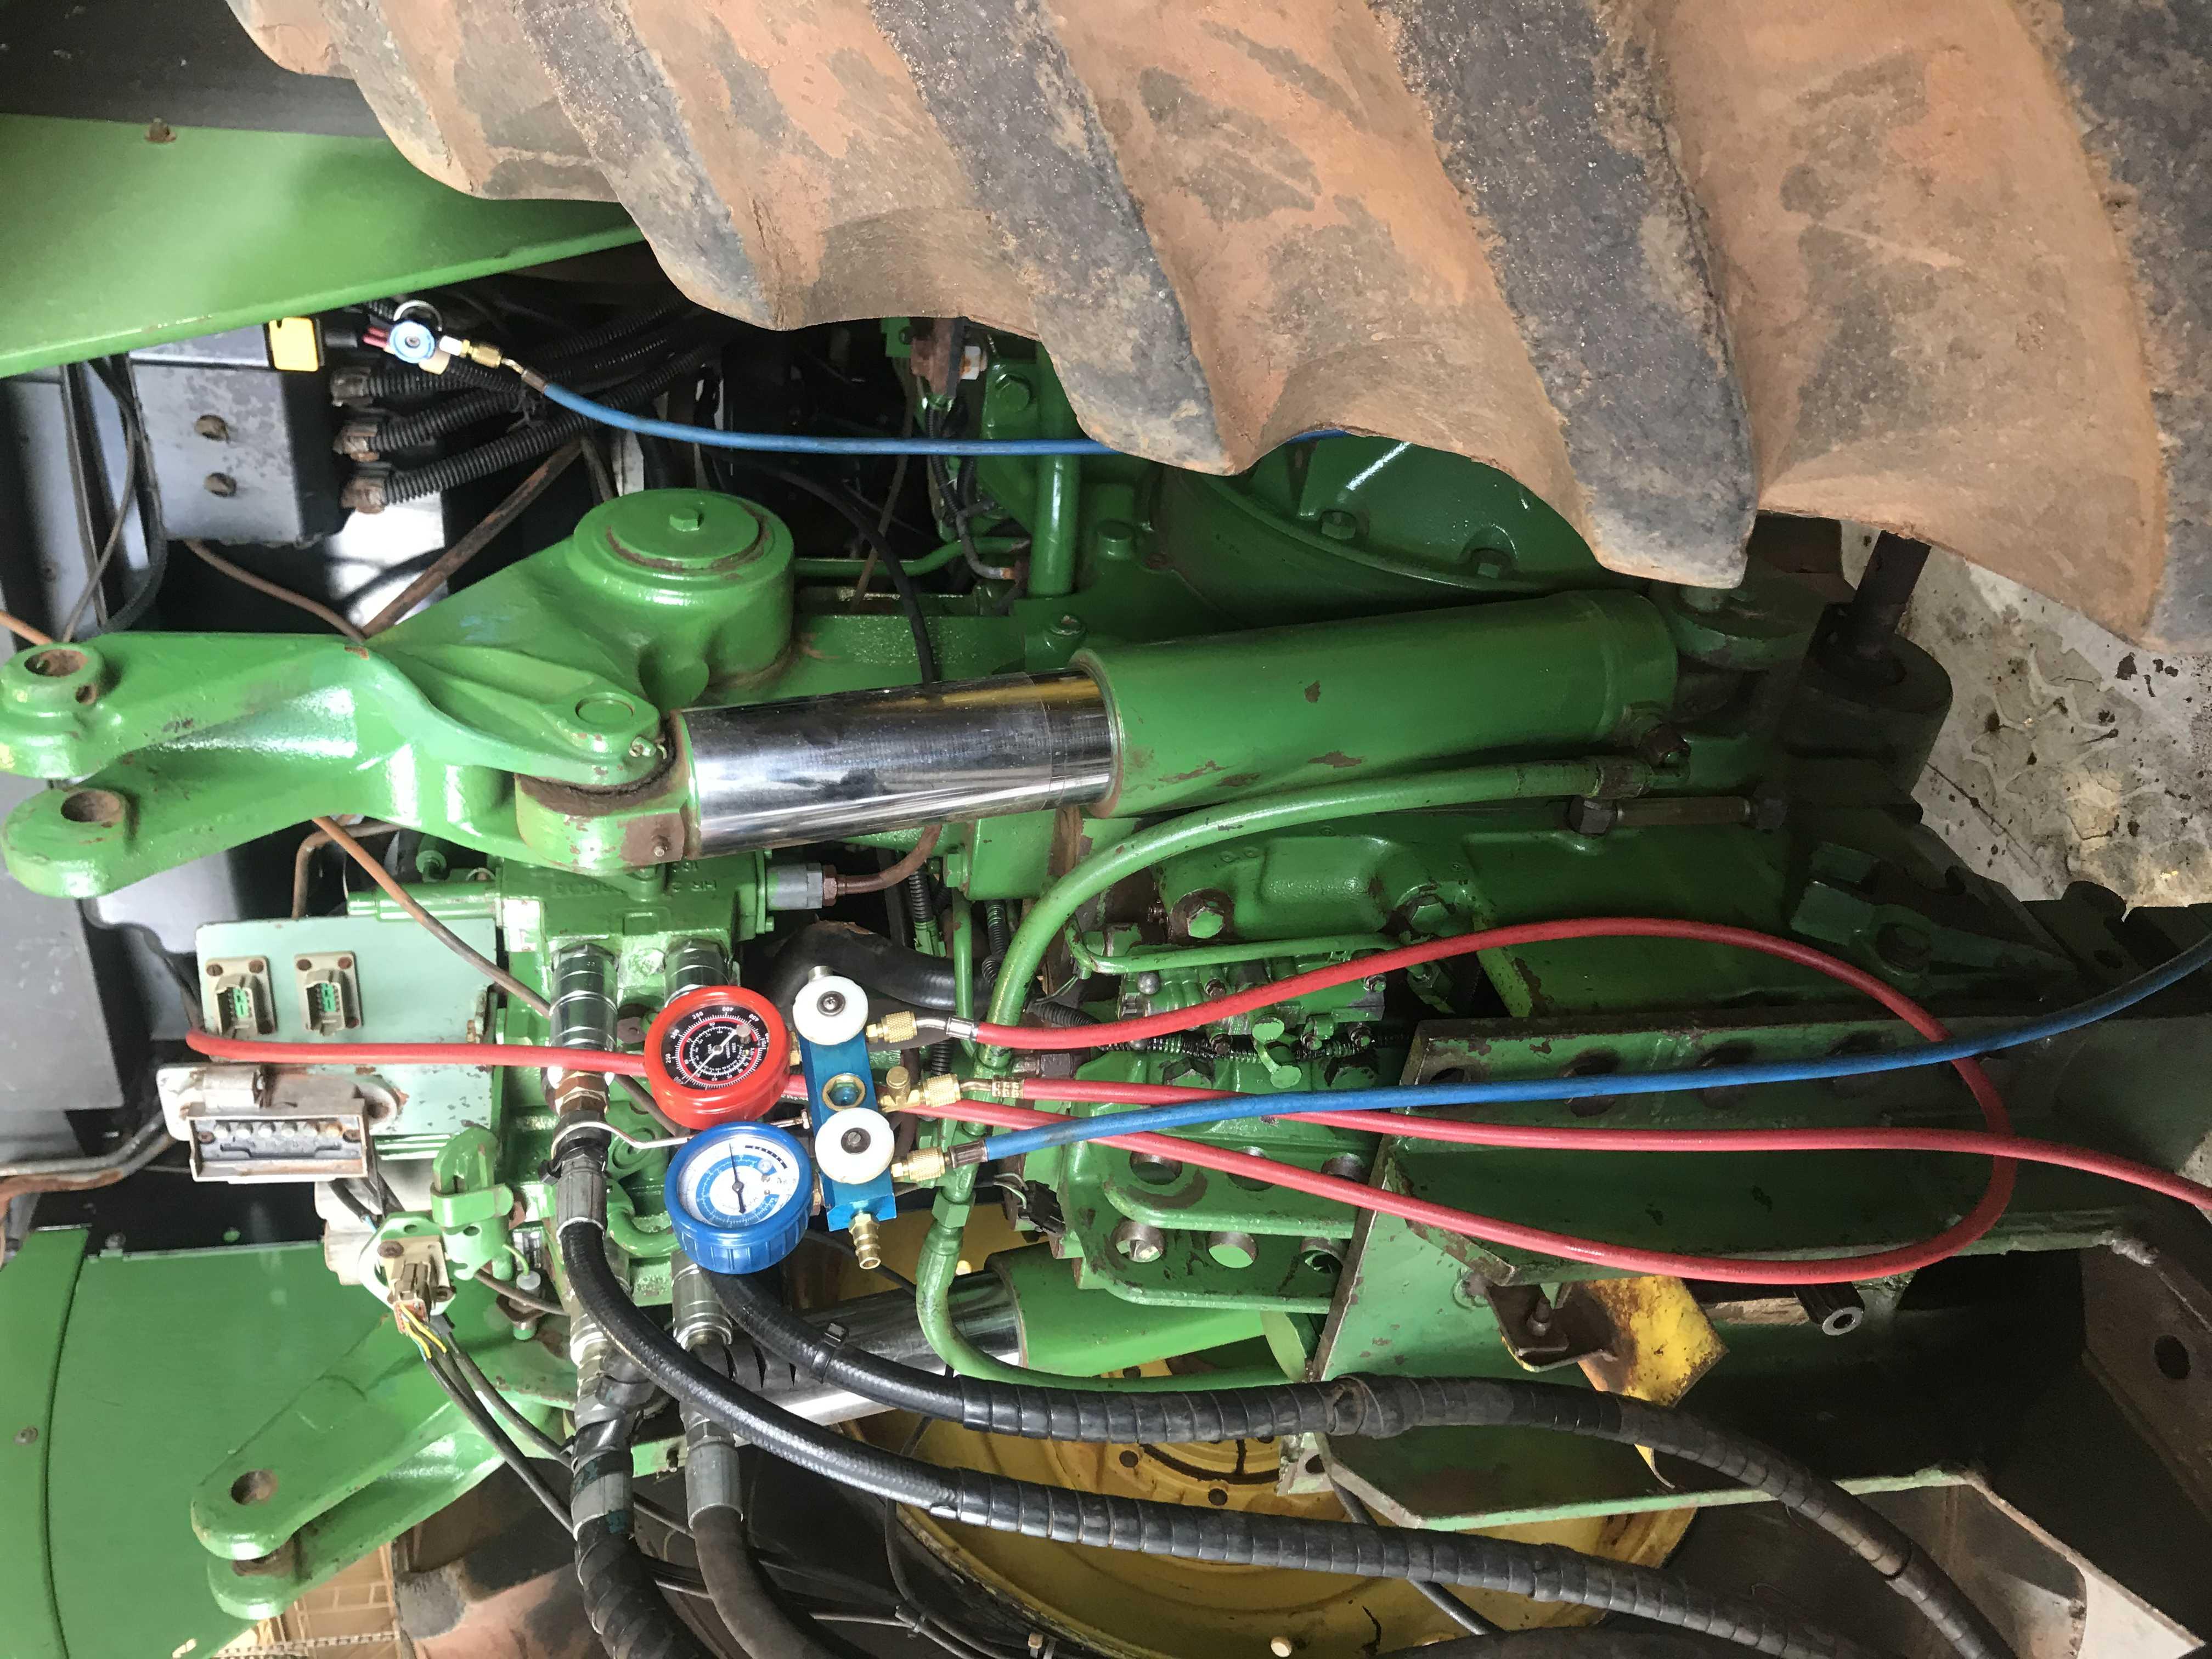 Manutenção ar condicionado automotivo (Trator)